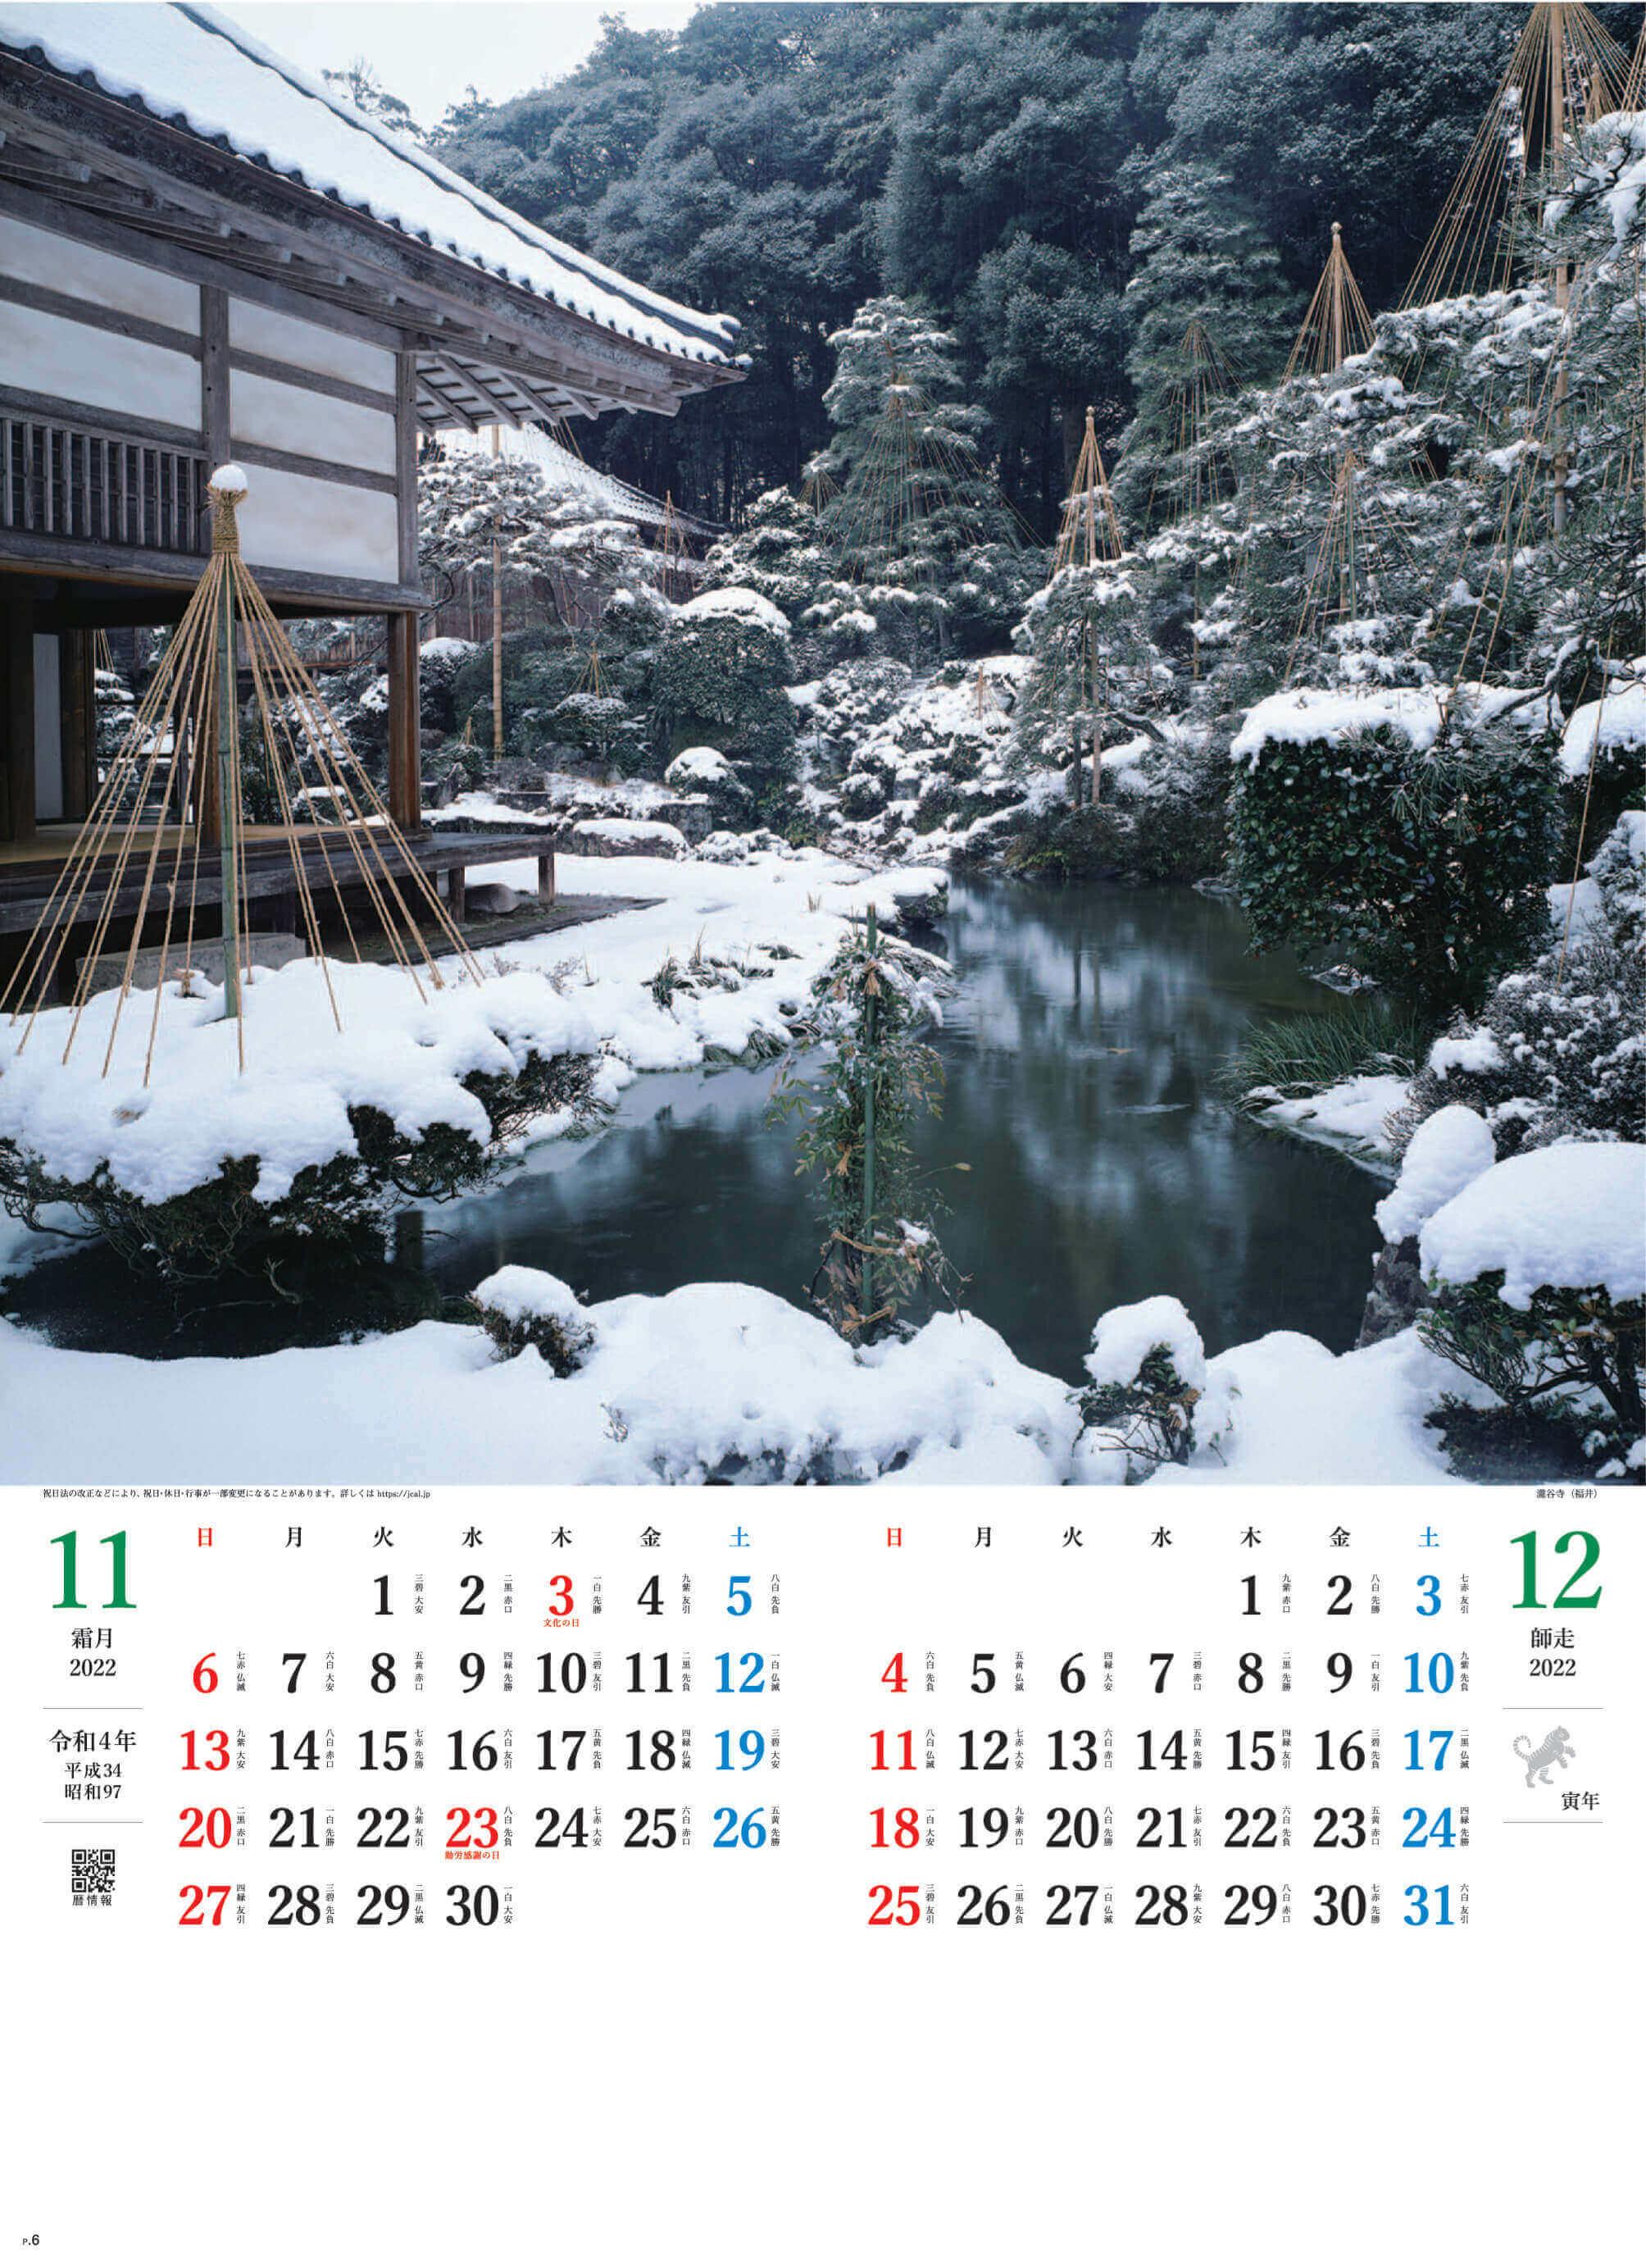 11-12月 瀧谷寺(福井) 庭の心 2022年カレンダーの画像